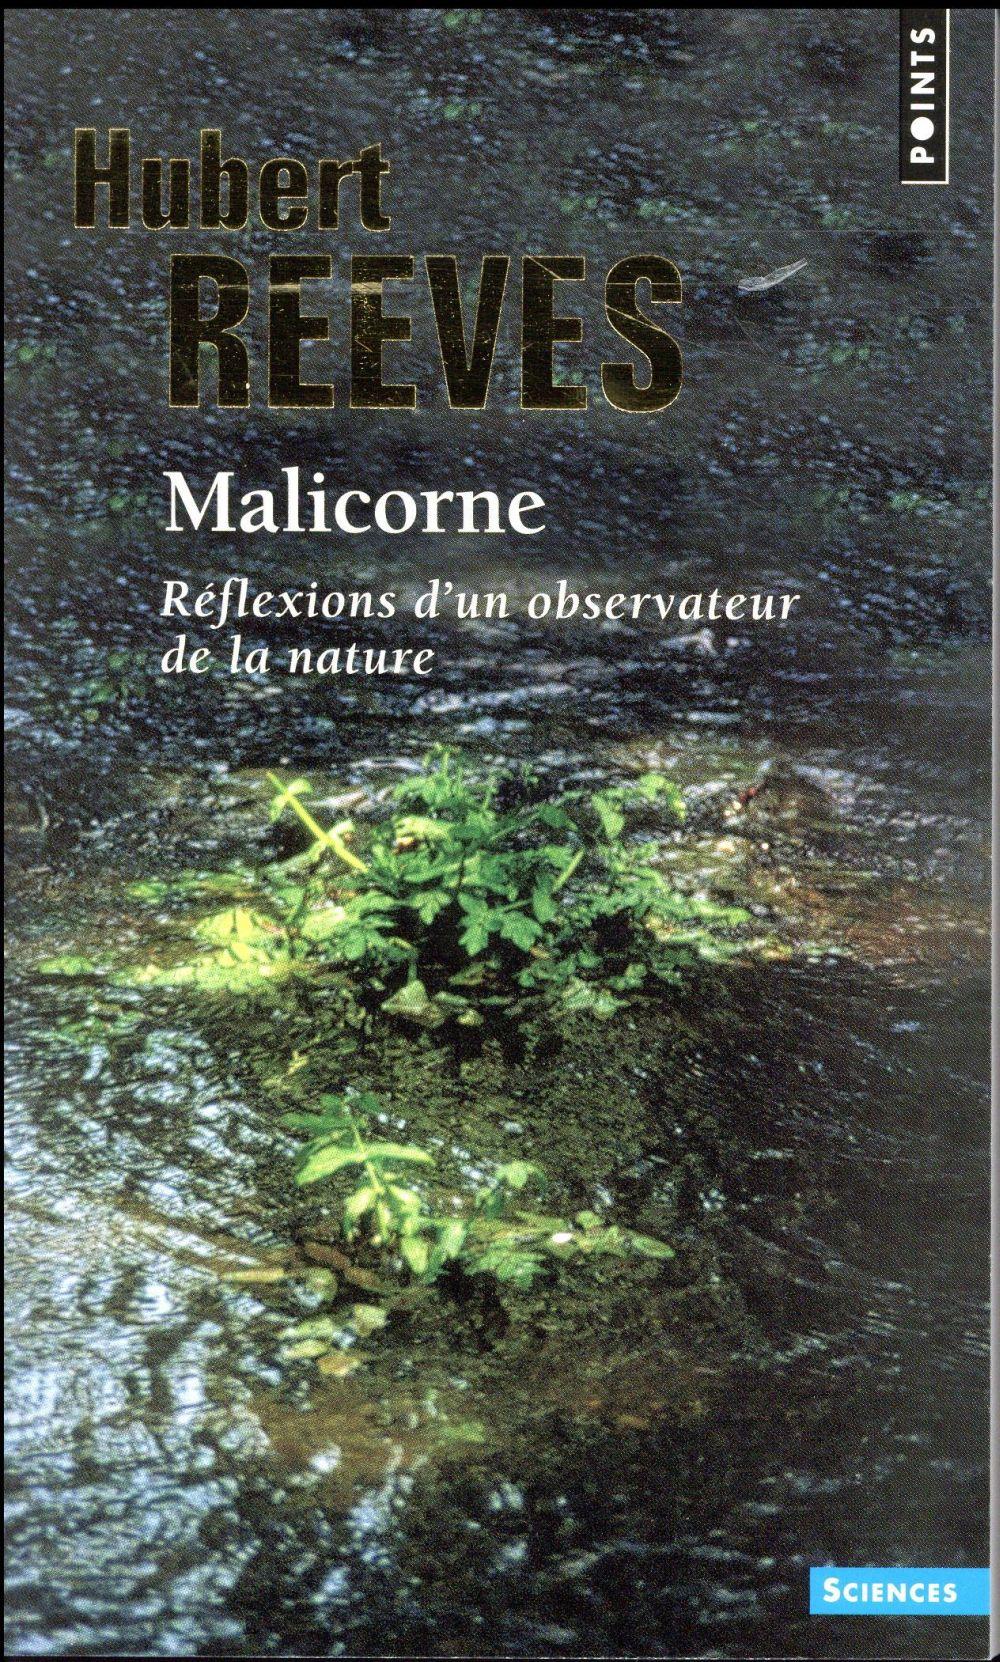 MALICORNE - REFLEXIONS D-UN OBSERVATEUR DE LA NATURE